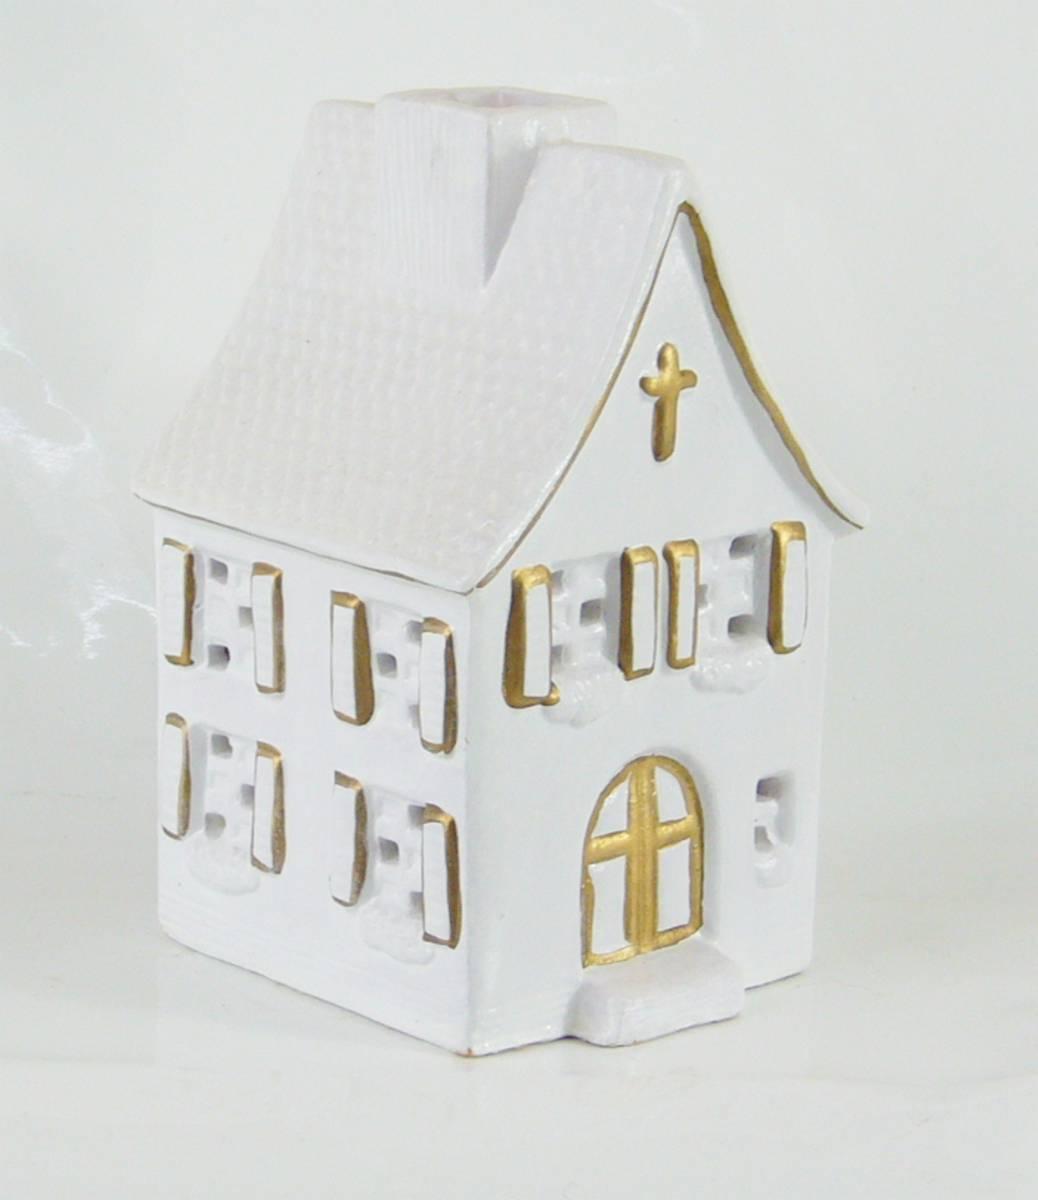 Lichthaus Keramik Kirche Haus Bauernhaus Weihnachten Fur Teelicht Ebay